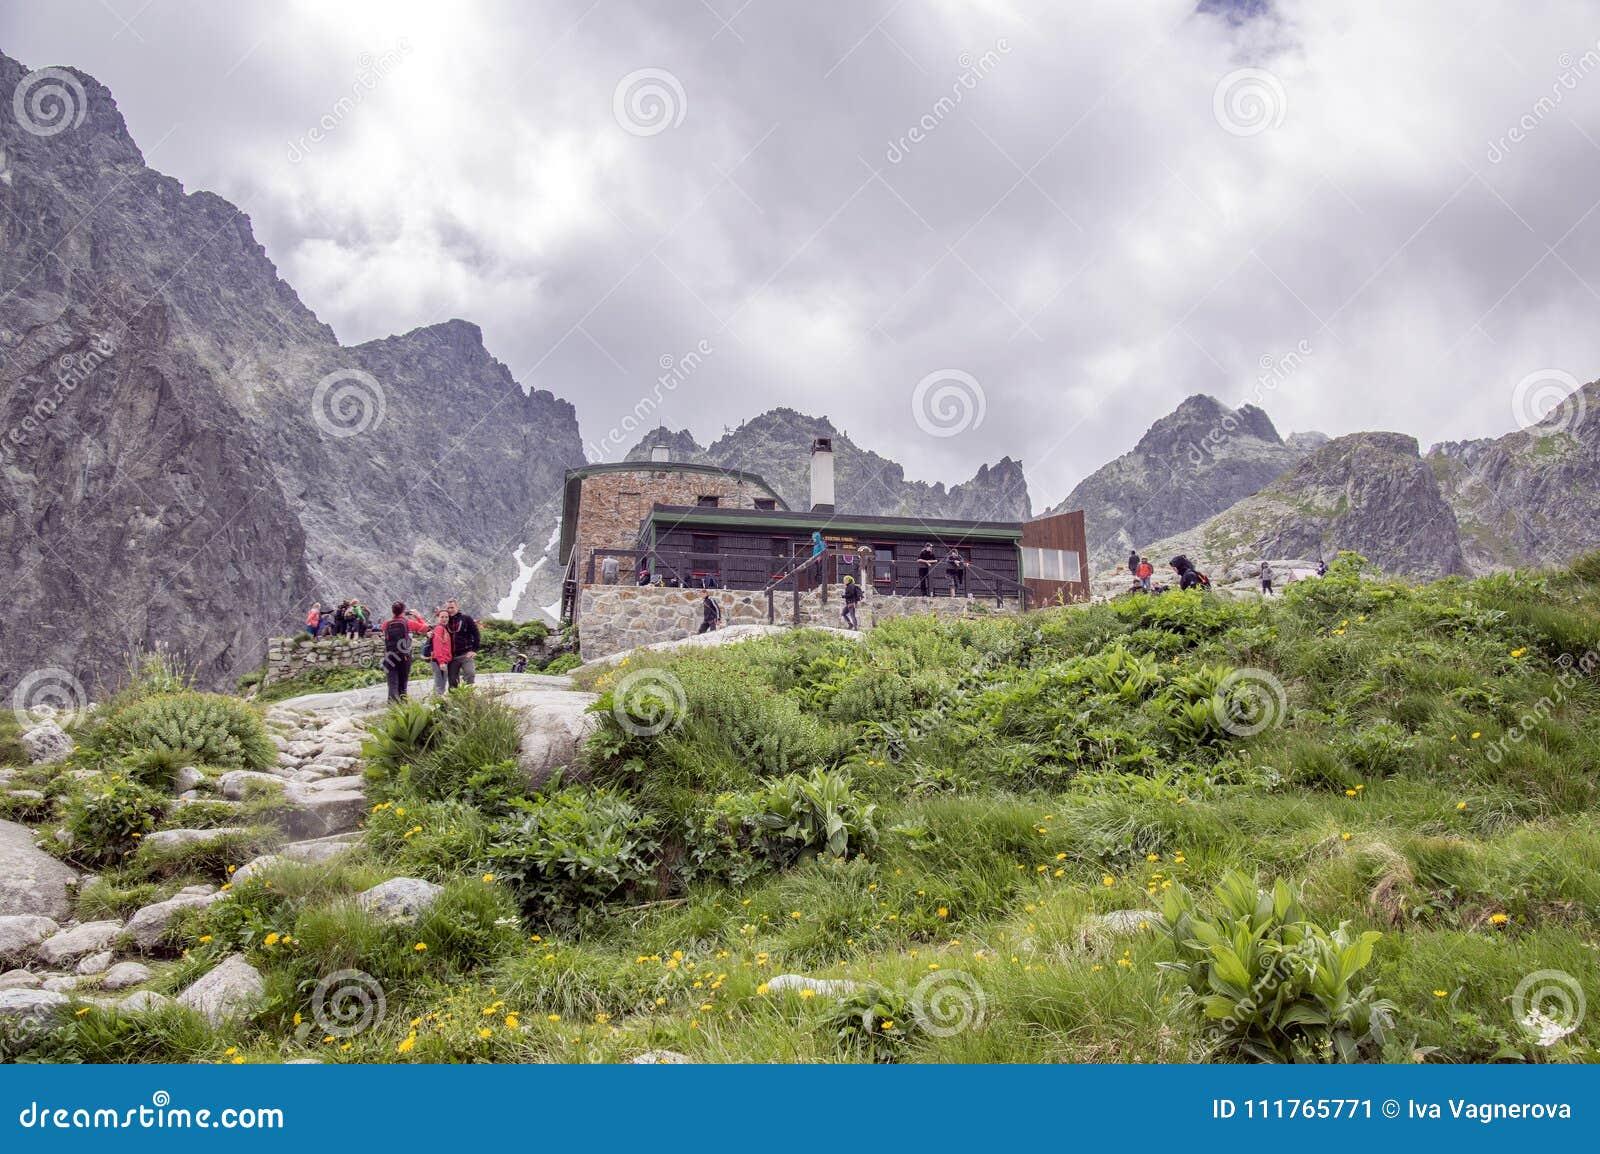 6 Ιουλίου 2017, τουρίστες στο εθνικό dolina Studena επιφύλαξης φύσης μπροστά από το εξοχικό σπίτι Tery, υψηλότερα βουνά της Σλοβα